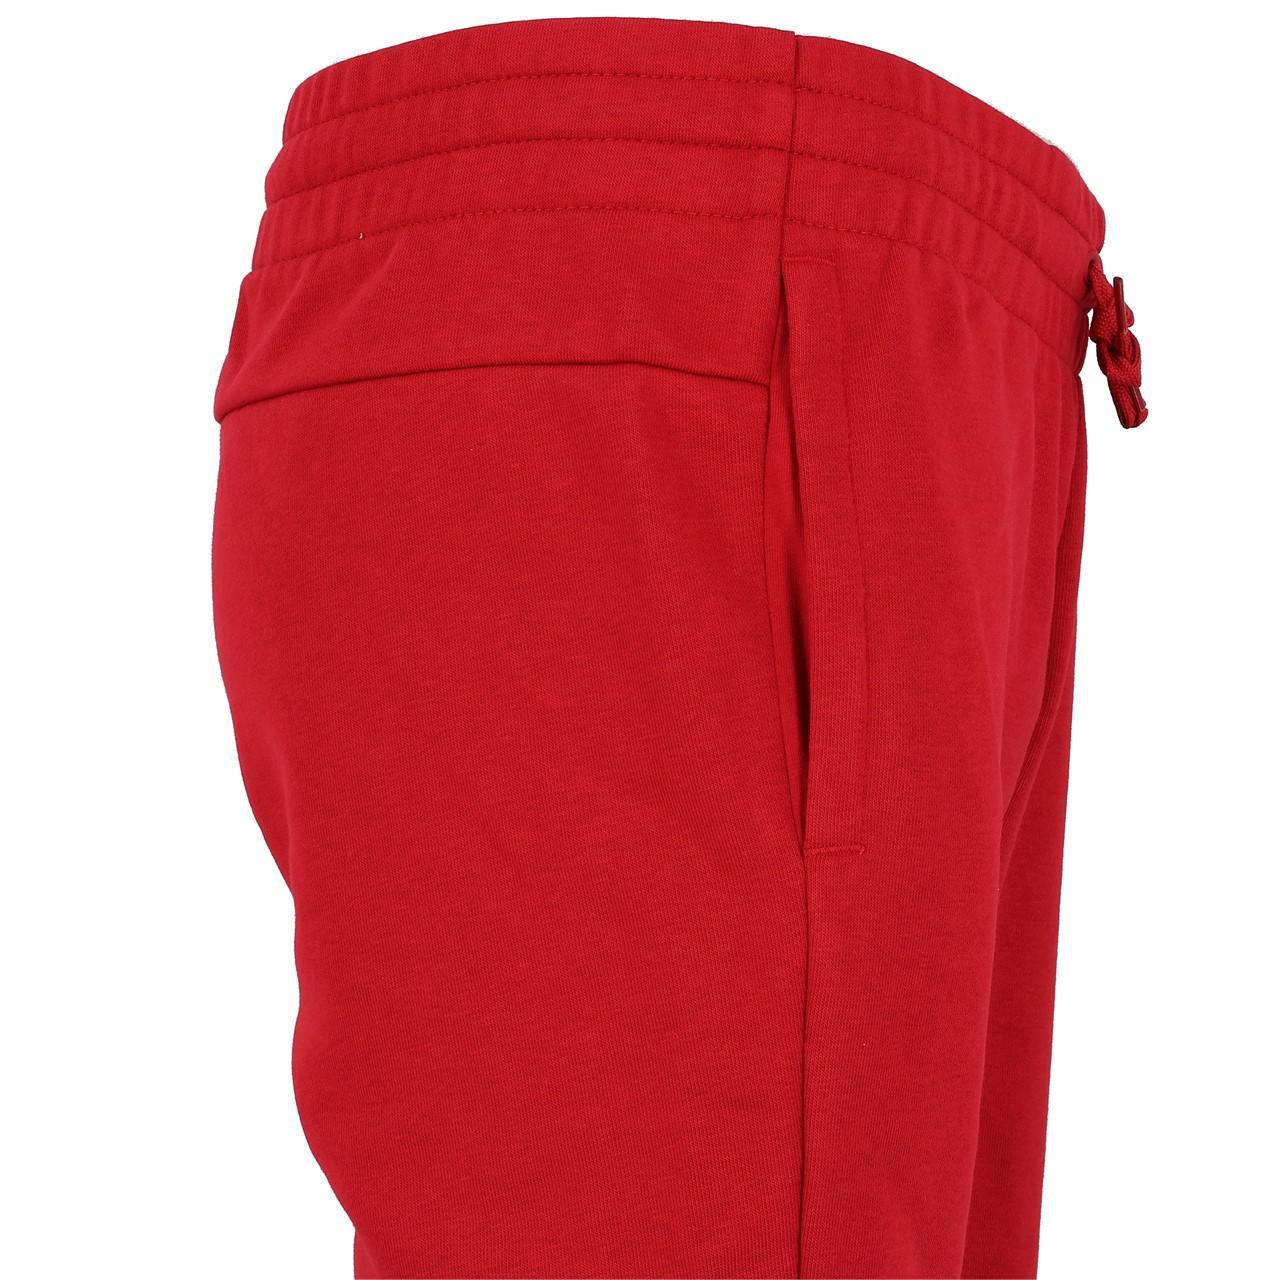 Pantalon-de-survetement-Adidas-E-lin-bdx-wht-pant-l-Rouge-18961-Neuf miniature 3